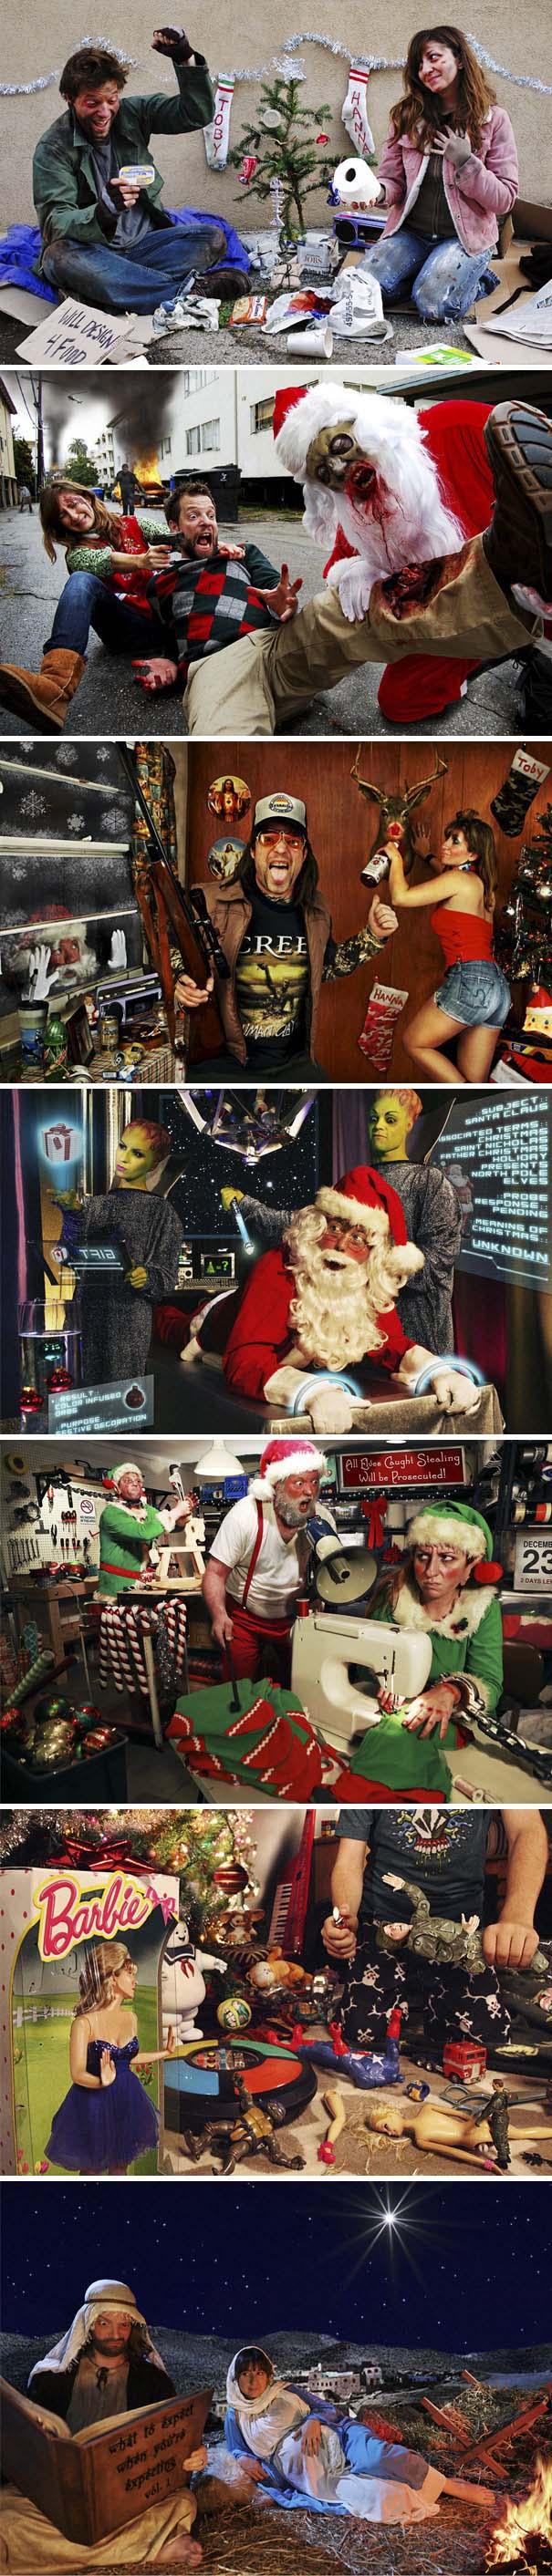 Άνθρωποι πόζαραν για ξεκαρδιστικές χριστουγεννιάτικες κάρτες (12)